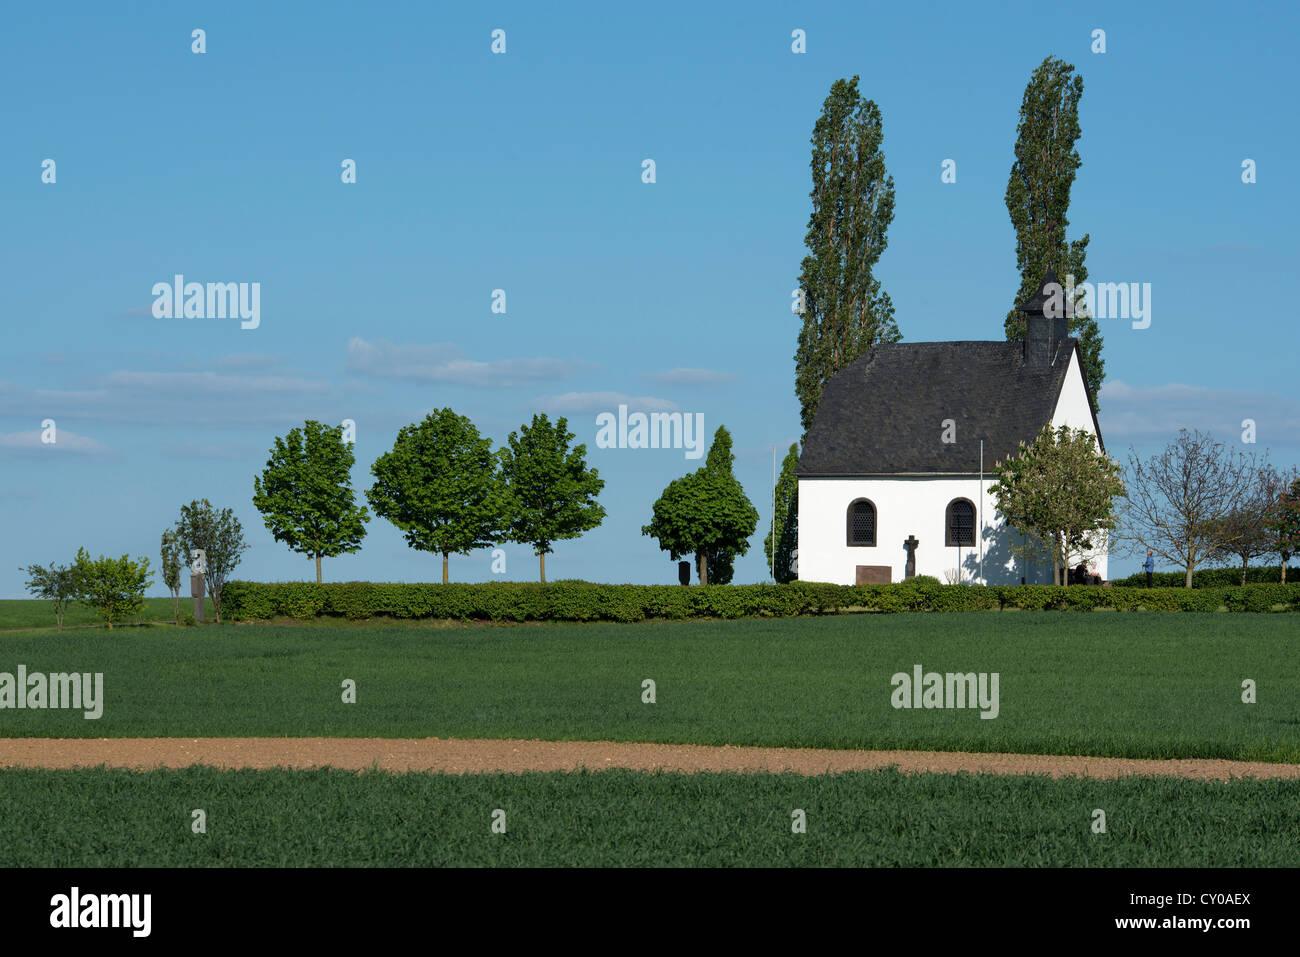 Heilig Kreuz Kapelle, chapelle de la Sainte Croix, Mertloch, Rhénanie-Palatinat, PublicGround Photo Stock